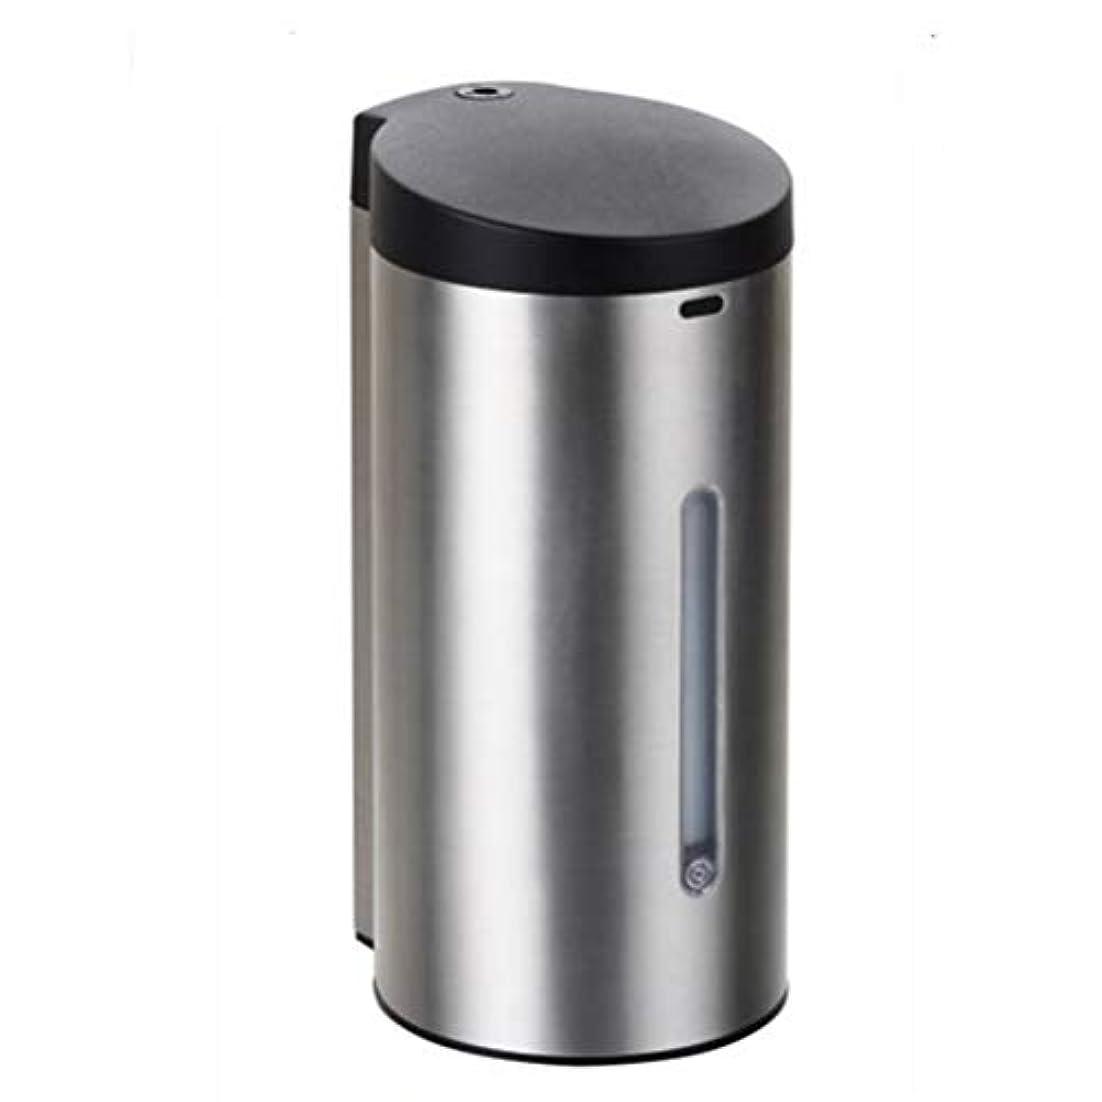 記述する誘惑する皿電池式 オートソープディスペンサー 赤外線センサーポンプソープディスペンサーステンレス 漏れ防止7段調整可 自動 ハンドソープ ータッチ 650ML 9Vバッテリー(6ノット* 1.5V)